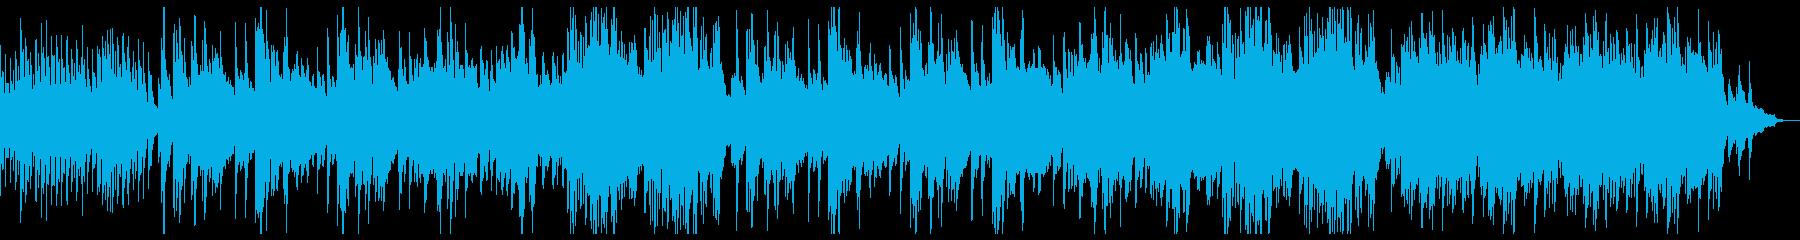 穏やかな感傷のシネマティックシンフォ。の再生済みの波形